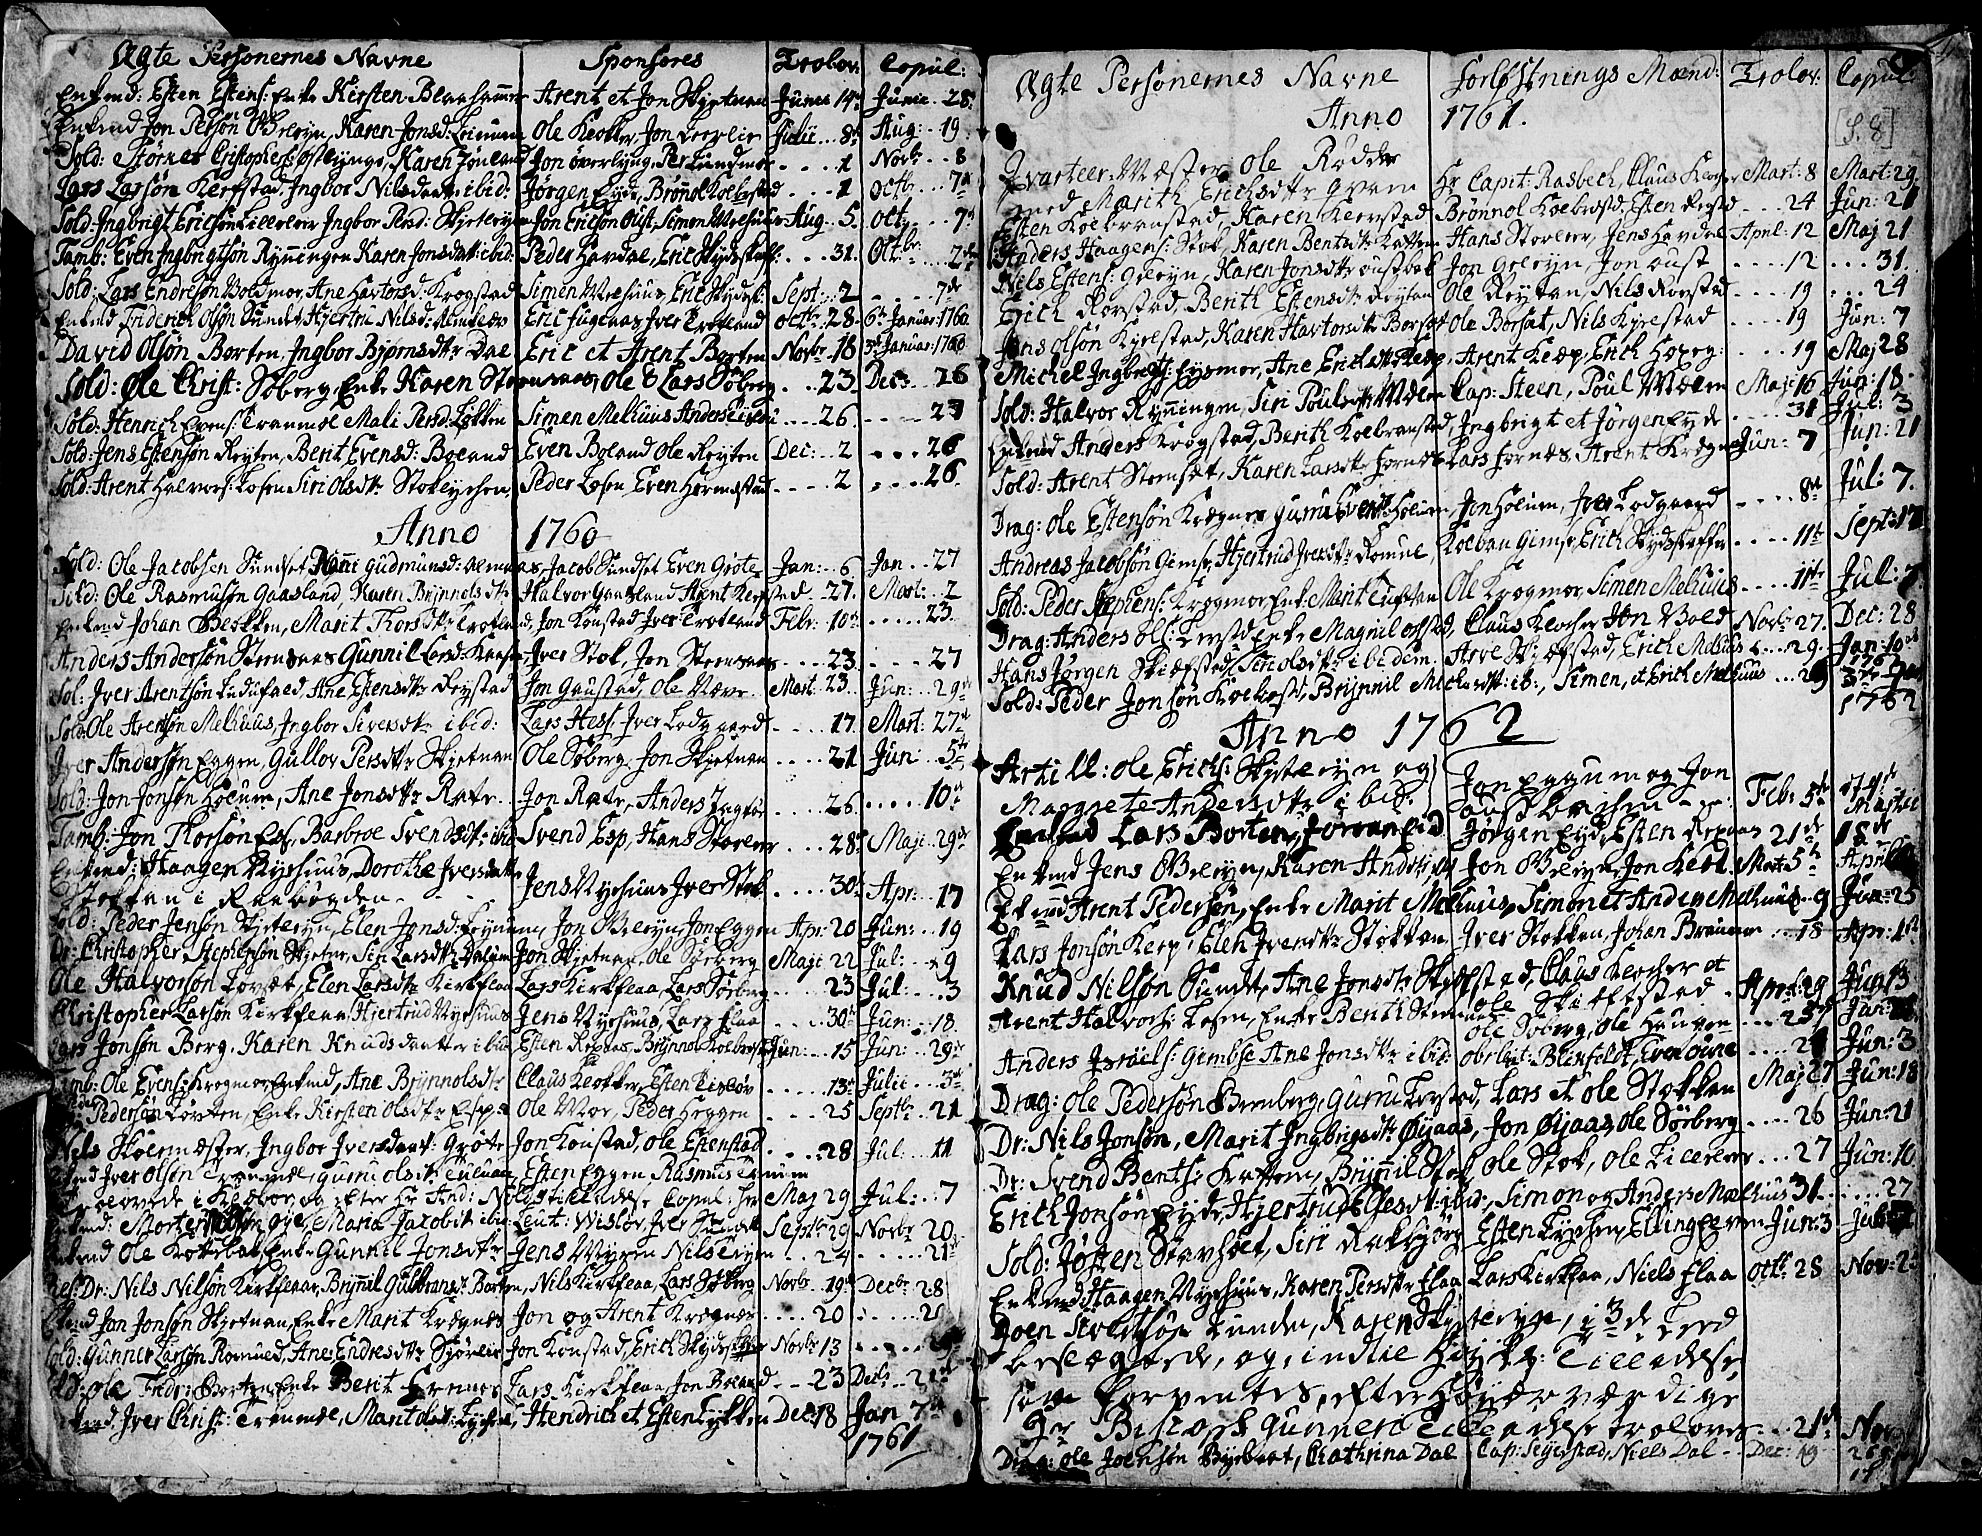 SAT, Ministerialprotokoller, klokkerbøker og fødselsregistre - Sør-Trøndelag, 691/L1057: Ministerialbok nr. 691A01 /1, 1740-1767, s. 8